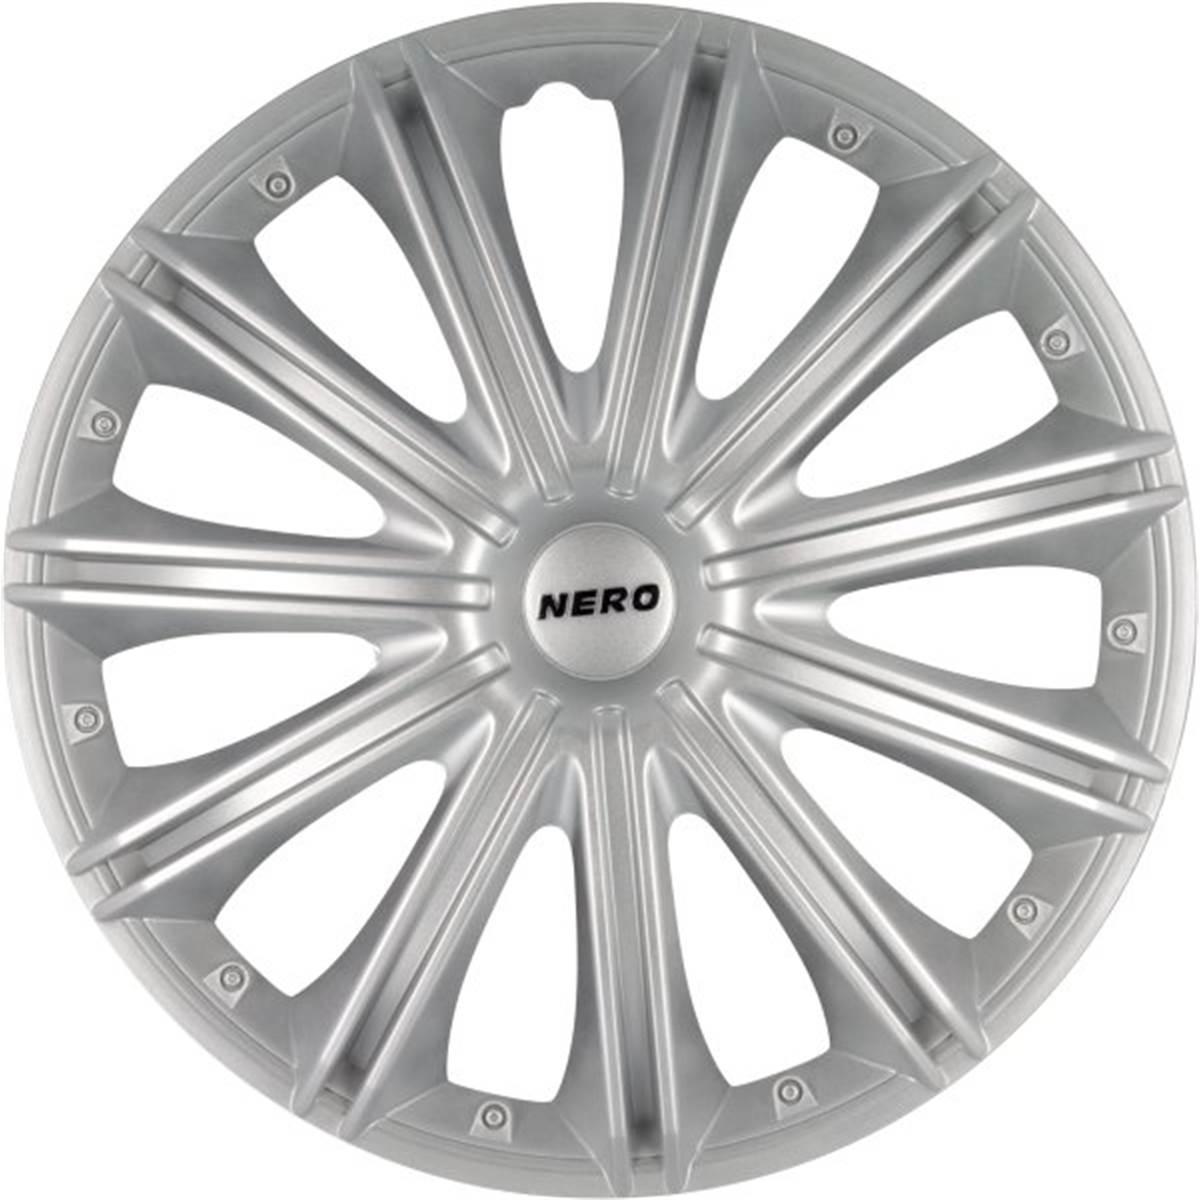 4 Enjoliveurs Nero pour roue de 16 pouces